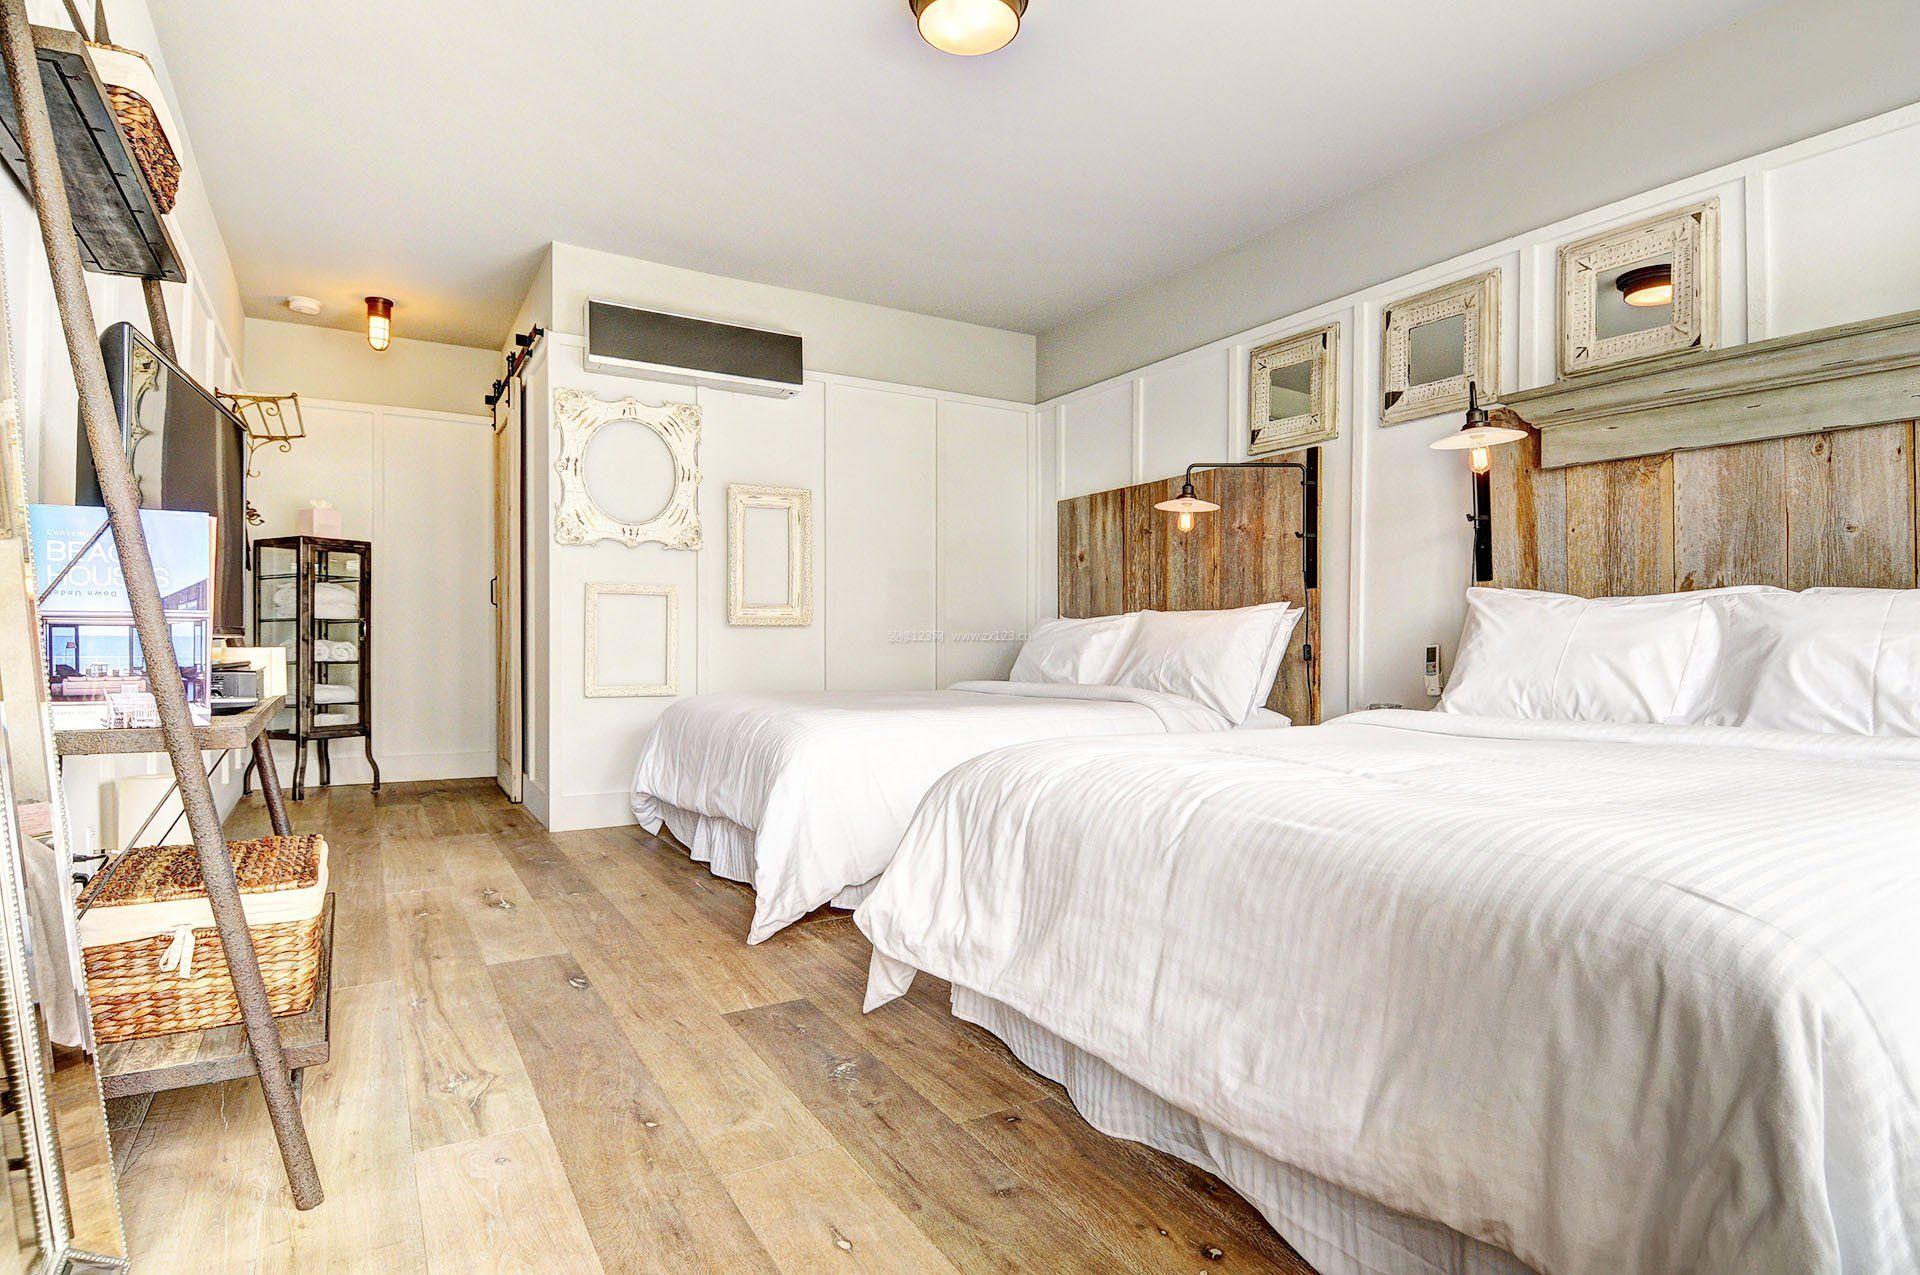 迷你小屋室内装修设计效果图大全图片